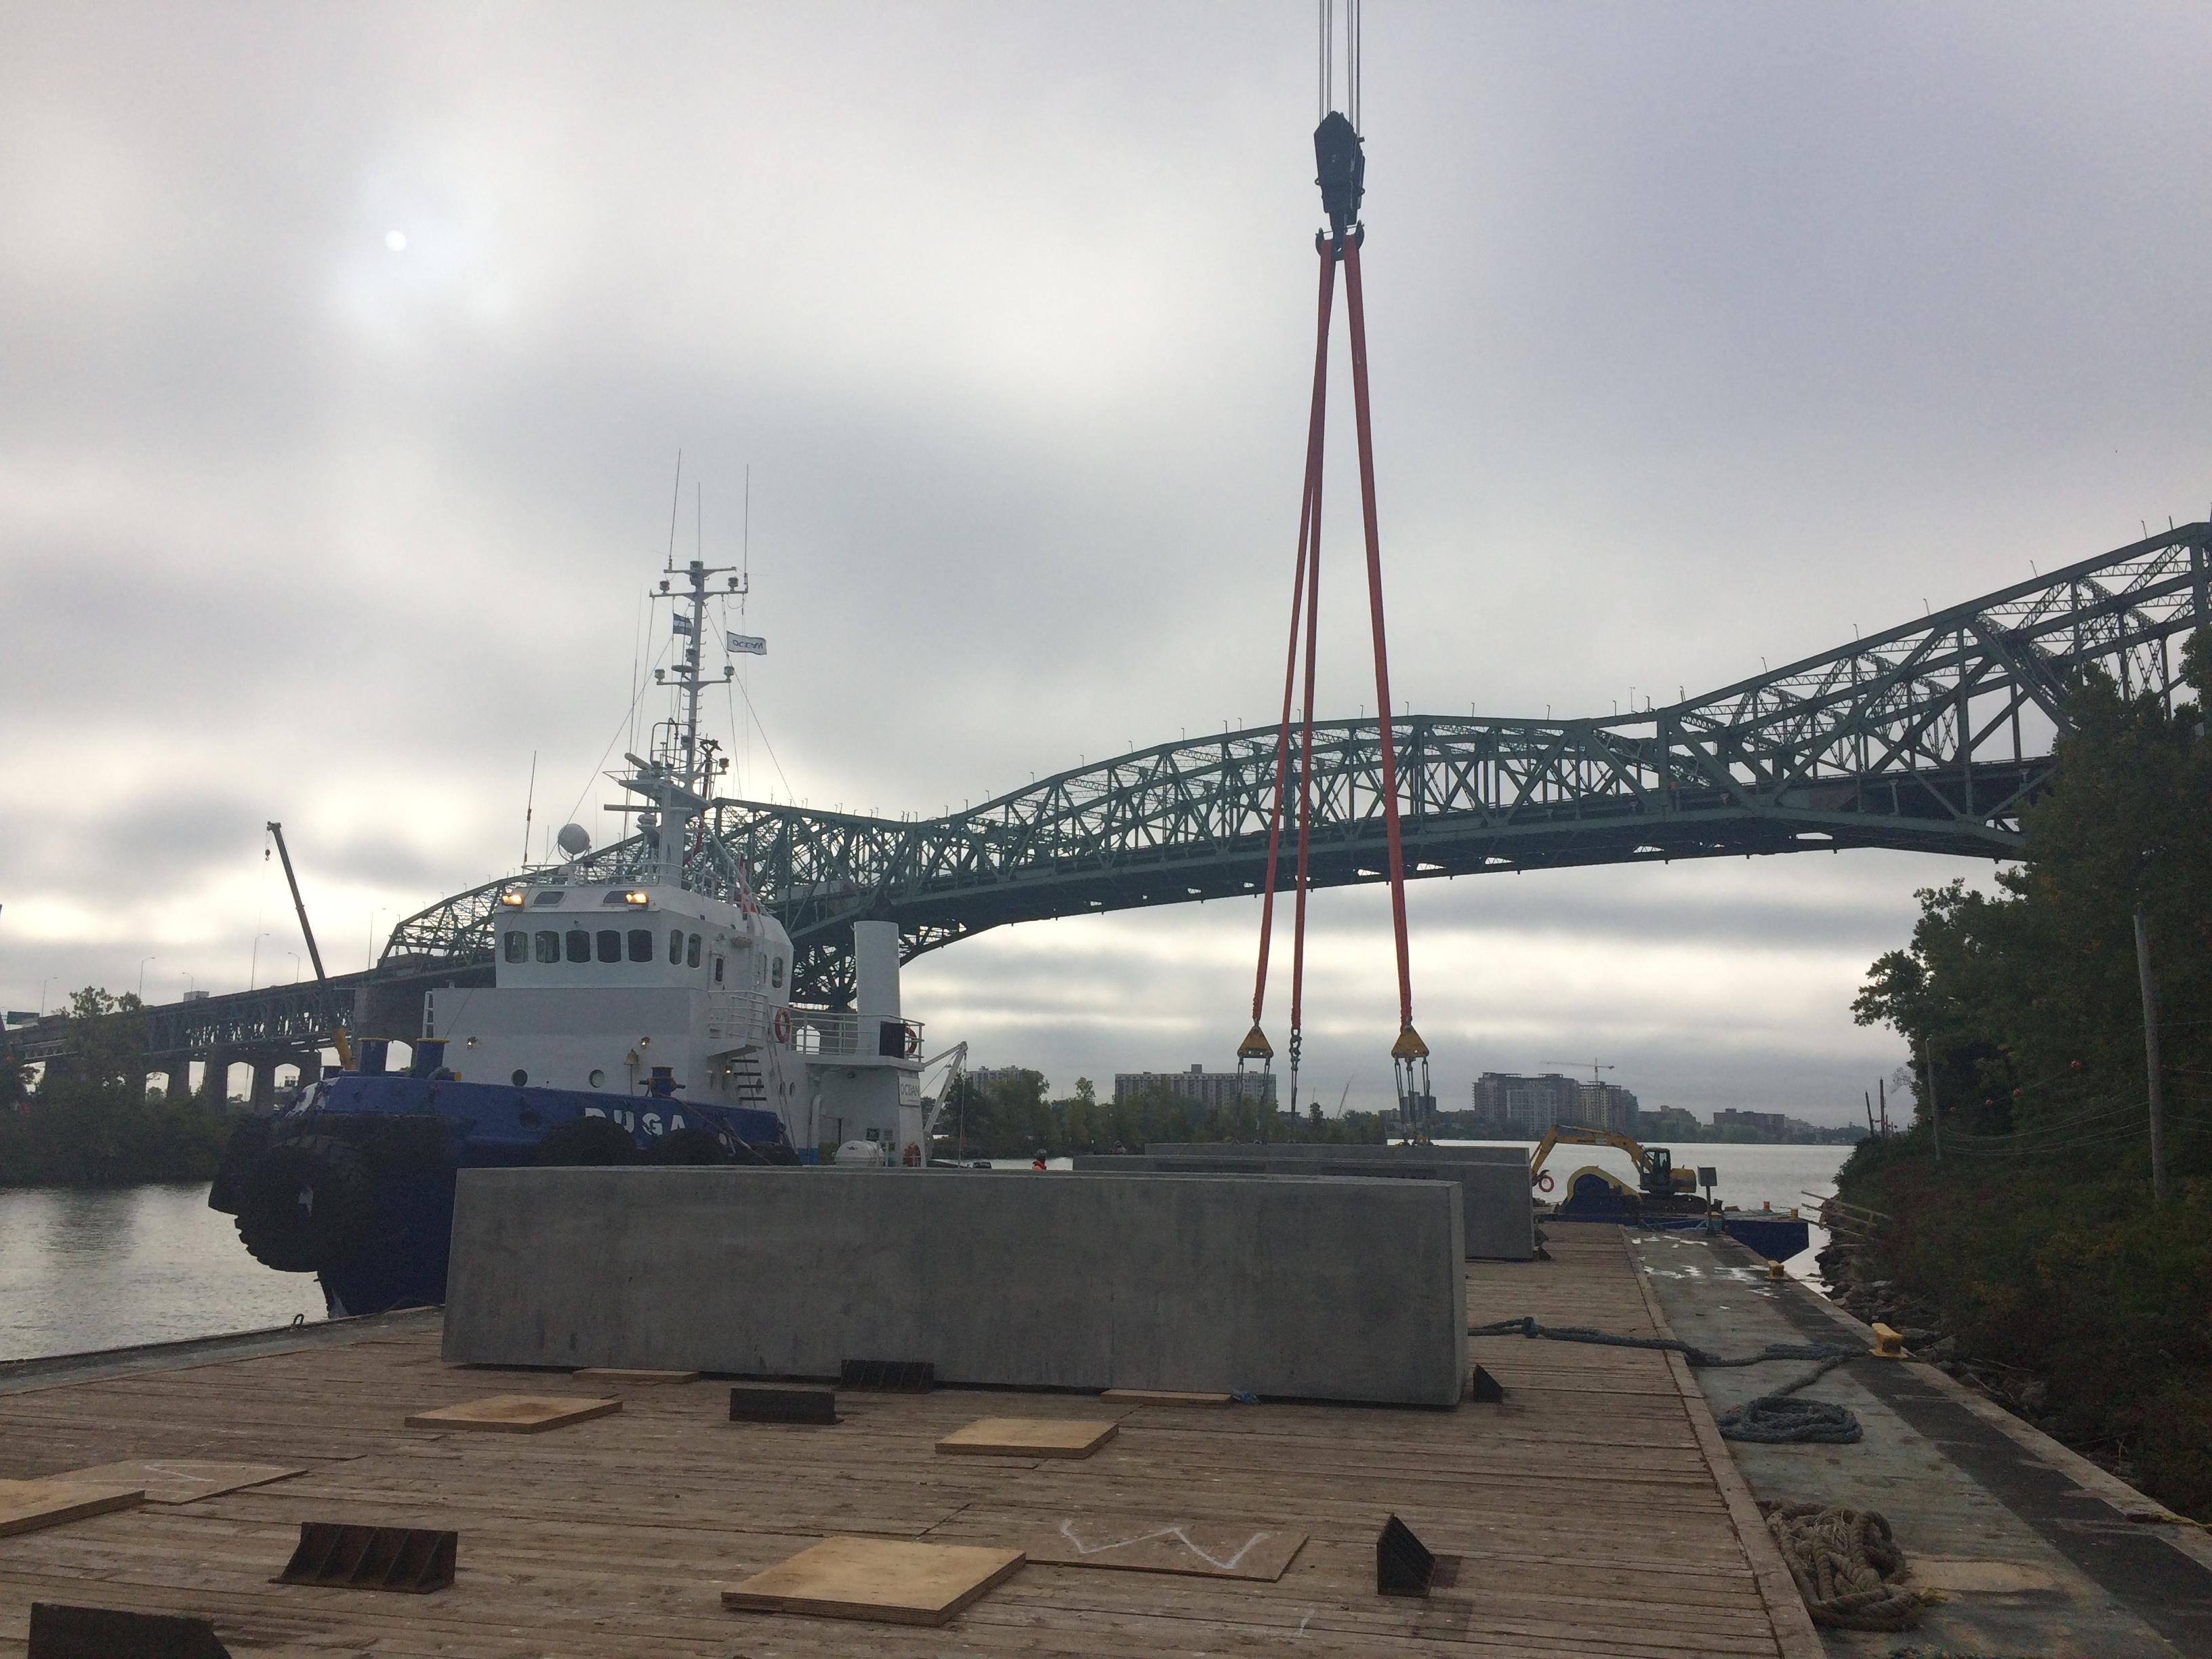 Transport_maritime_surdimensionne-Groupe_Ocean-pont-Champlain_SSL_20160928-001